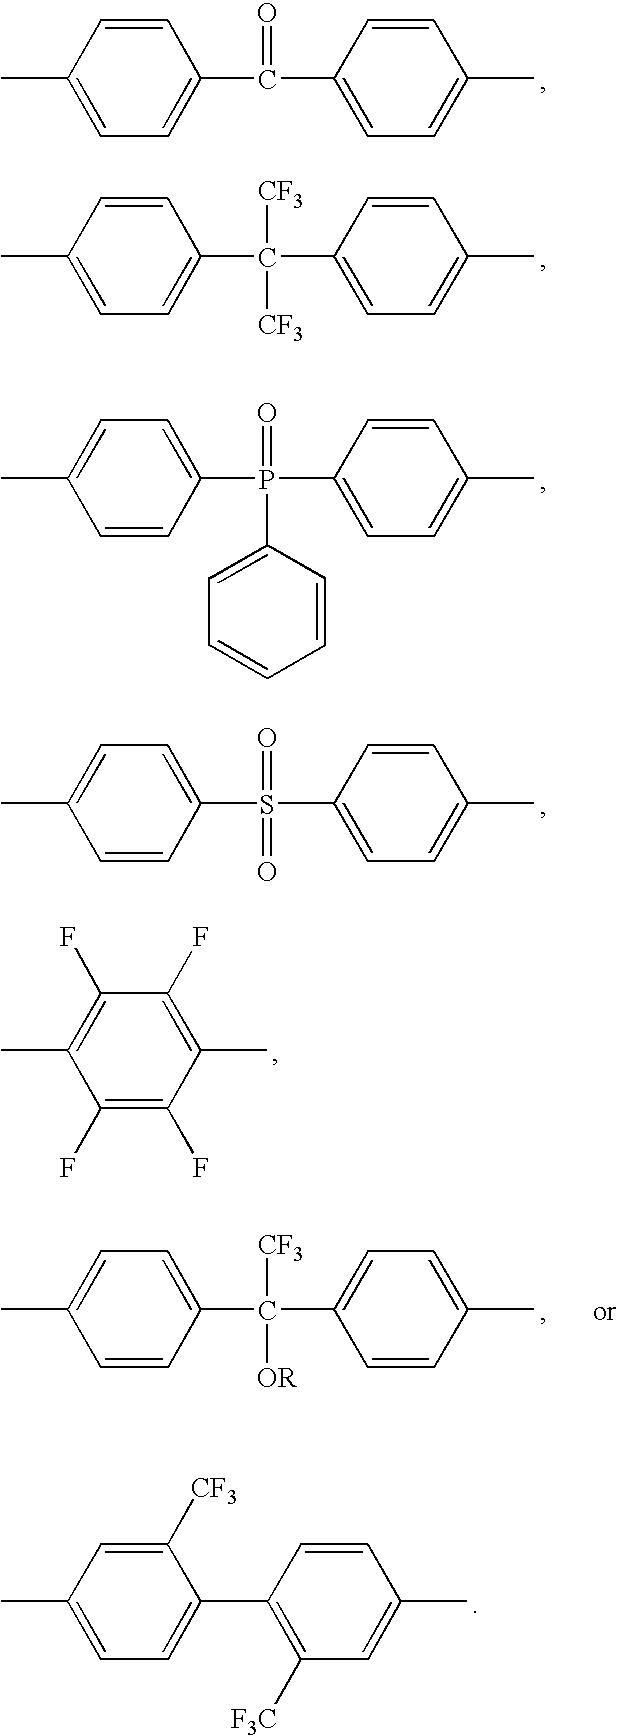 Figure US07888433-20110215-C00022